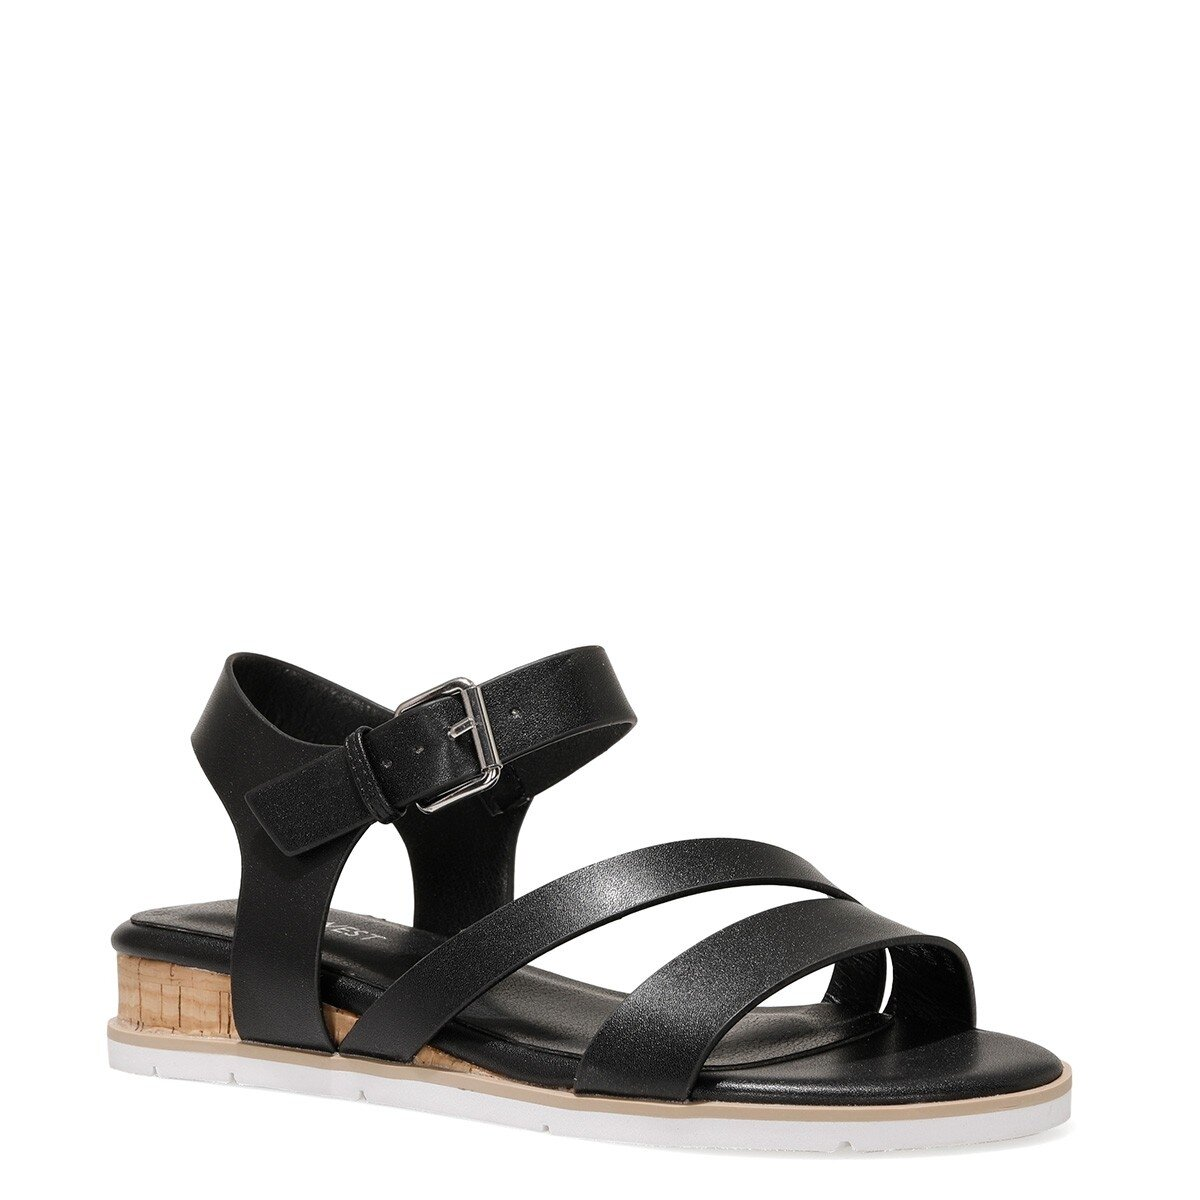 LEOTA 1FX Siyah Kadın Düz Sandalet